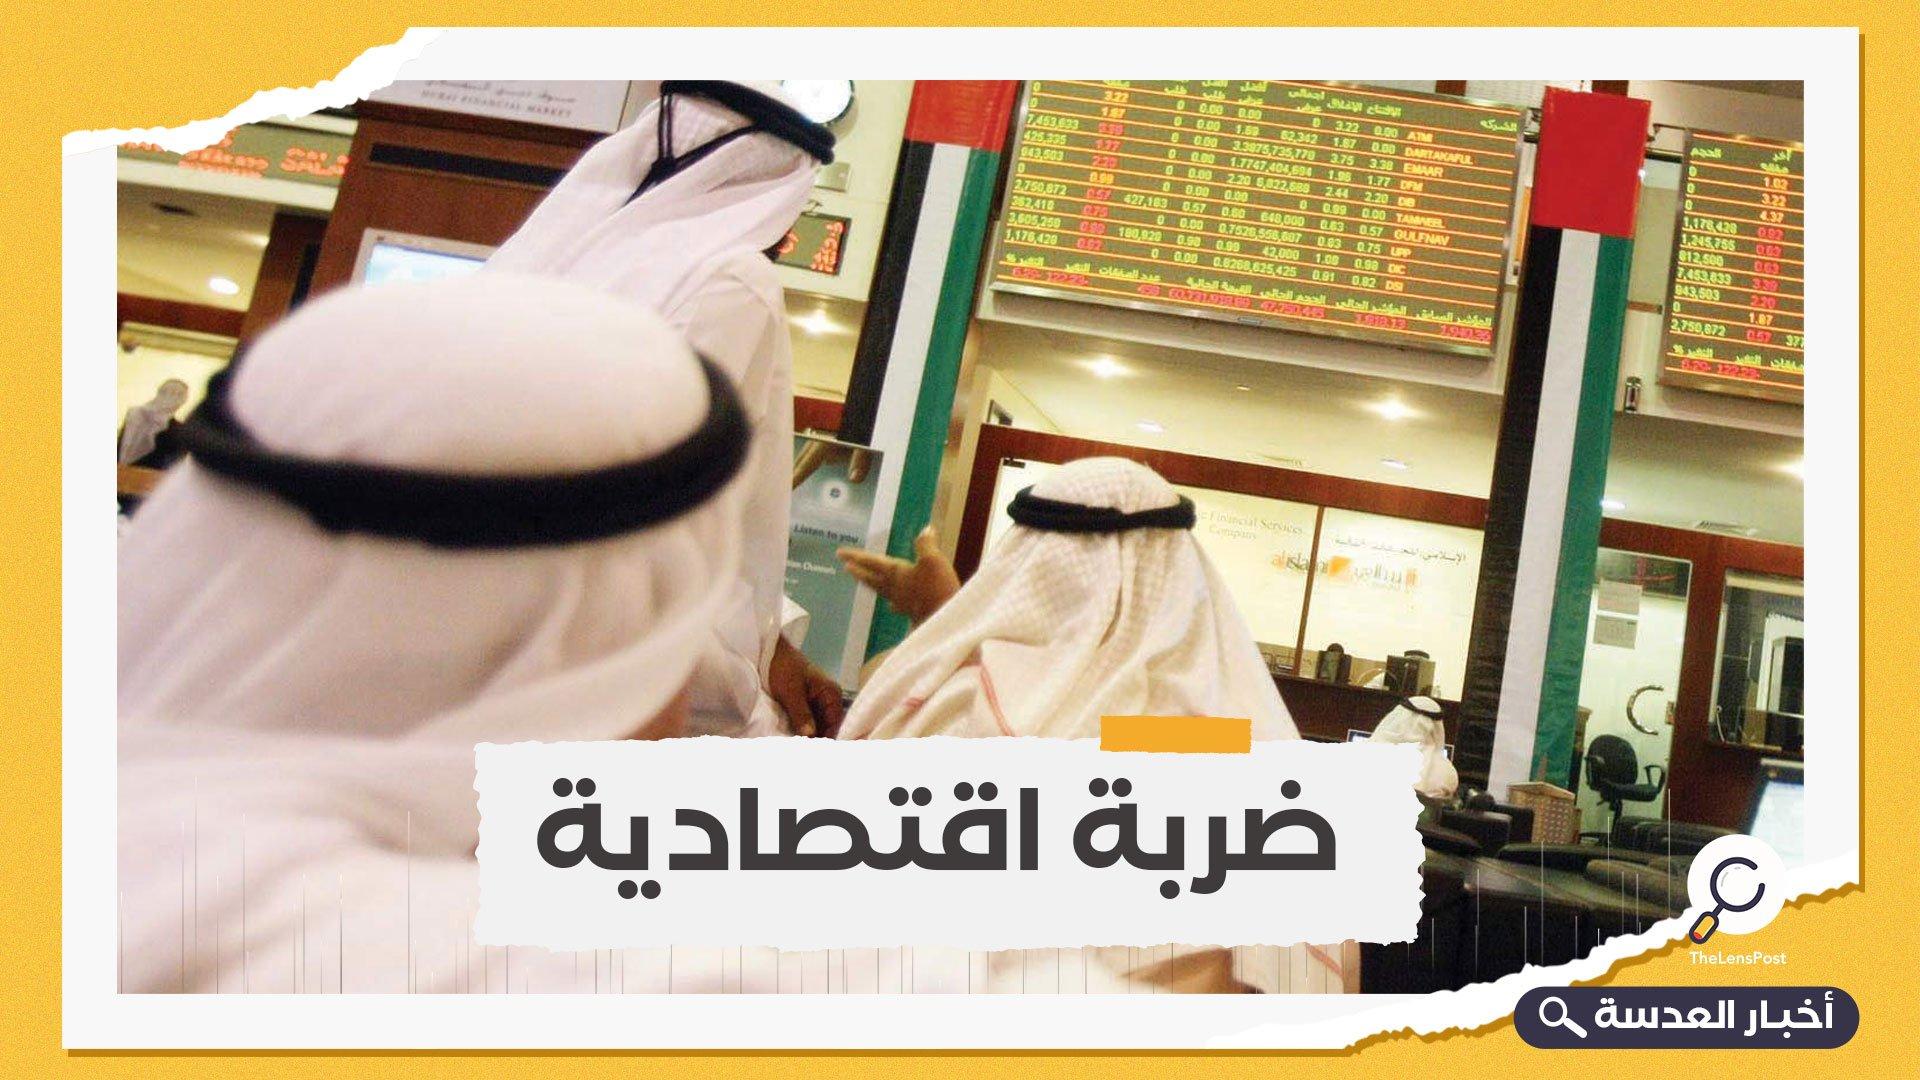 انهيار غير مسبوق.. القطاع الخاص الإماراتي يئن تحت وطأة كورونا